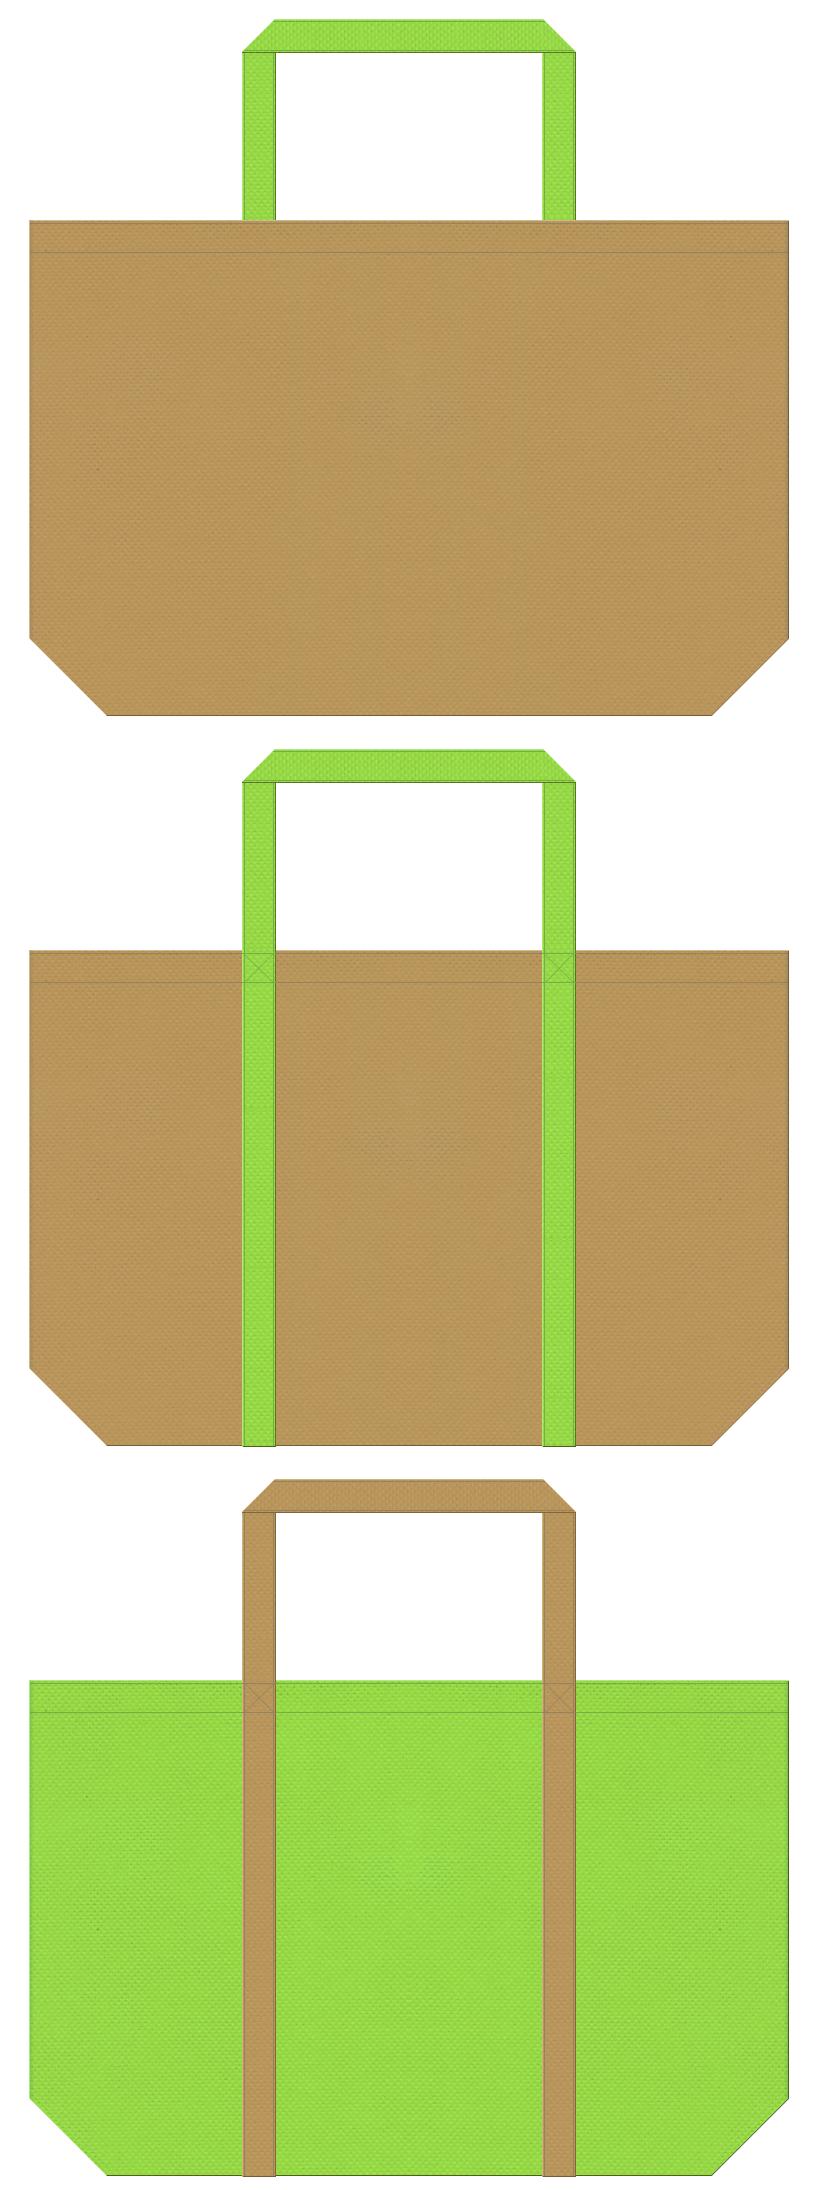 金色系黄土色と黄緑色の不織布ショッピングバッグデザイン。キウイフルーツ風の配色です。